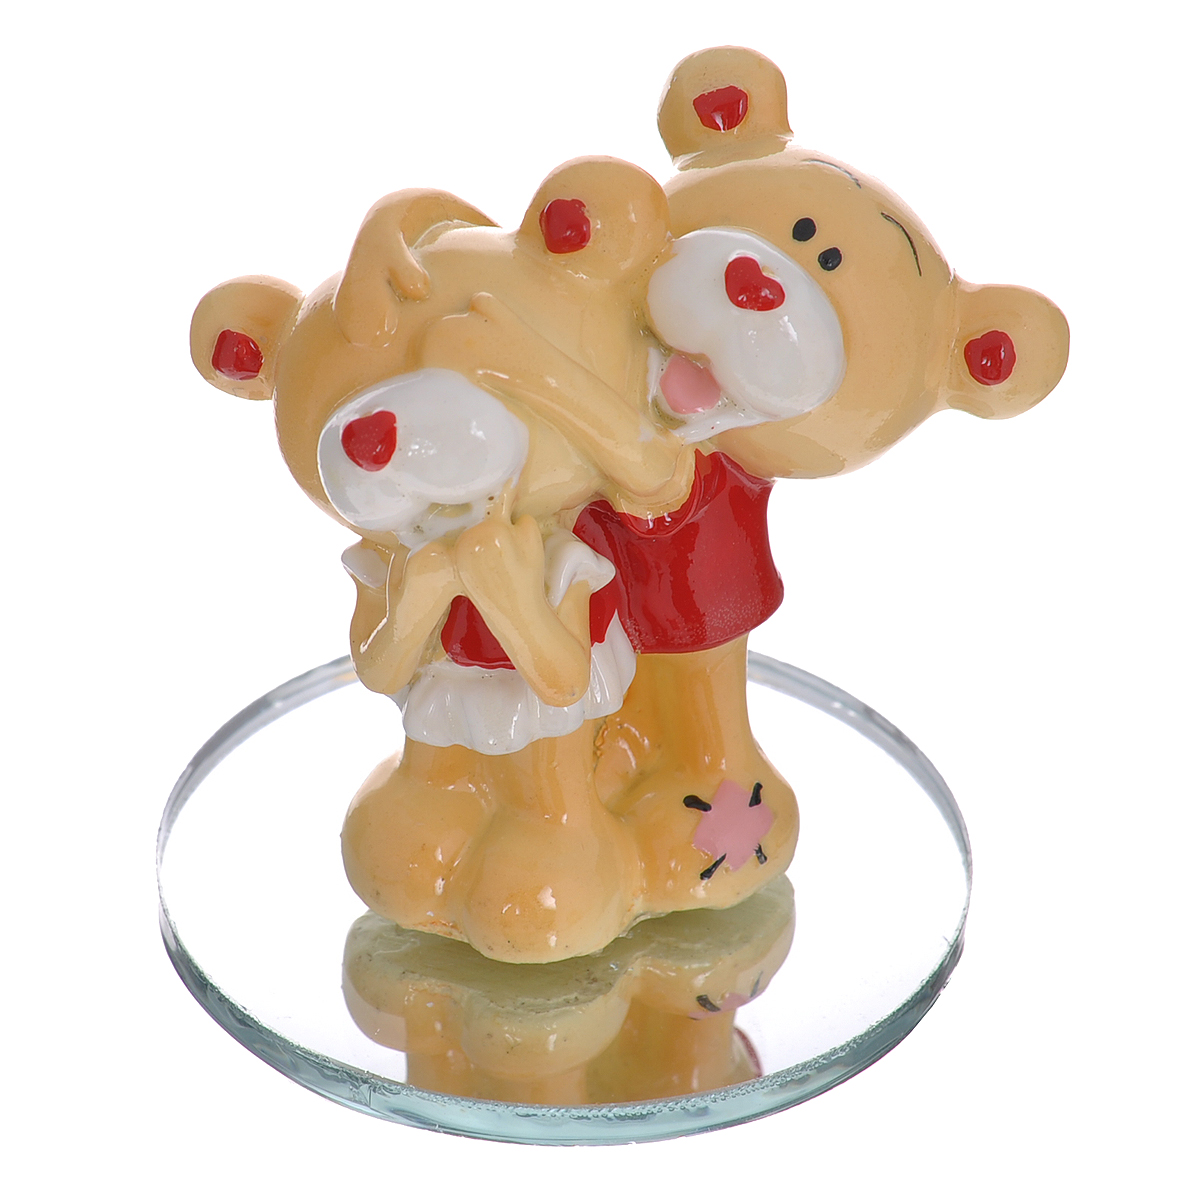 Фигурка декоративная Мишка-валентинка. 12343194009Декоративная фигурка Мишка-валентинка изготовлена из полистоуна в виде двух милых медвежат. Фигурка помещается на круглую зеркальную подставку. Такая фигурка станет идеальным сувениром ко Дню Святого Валентина, она без лишних слов выразит все ваши чувства. Фигурка упакована в подарочную коробку, перевязанную красной атласной лентой. Характеристики: Материал: полистоун, стекло. Цвет: бежевый, красный. Высота фигурки: 5,5 см. Диаметр основания: 5 см. Размер упаковки: 7,5 см х 6 см х 10 см. Артикул: 123431.